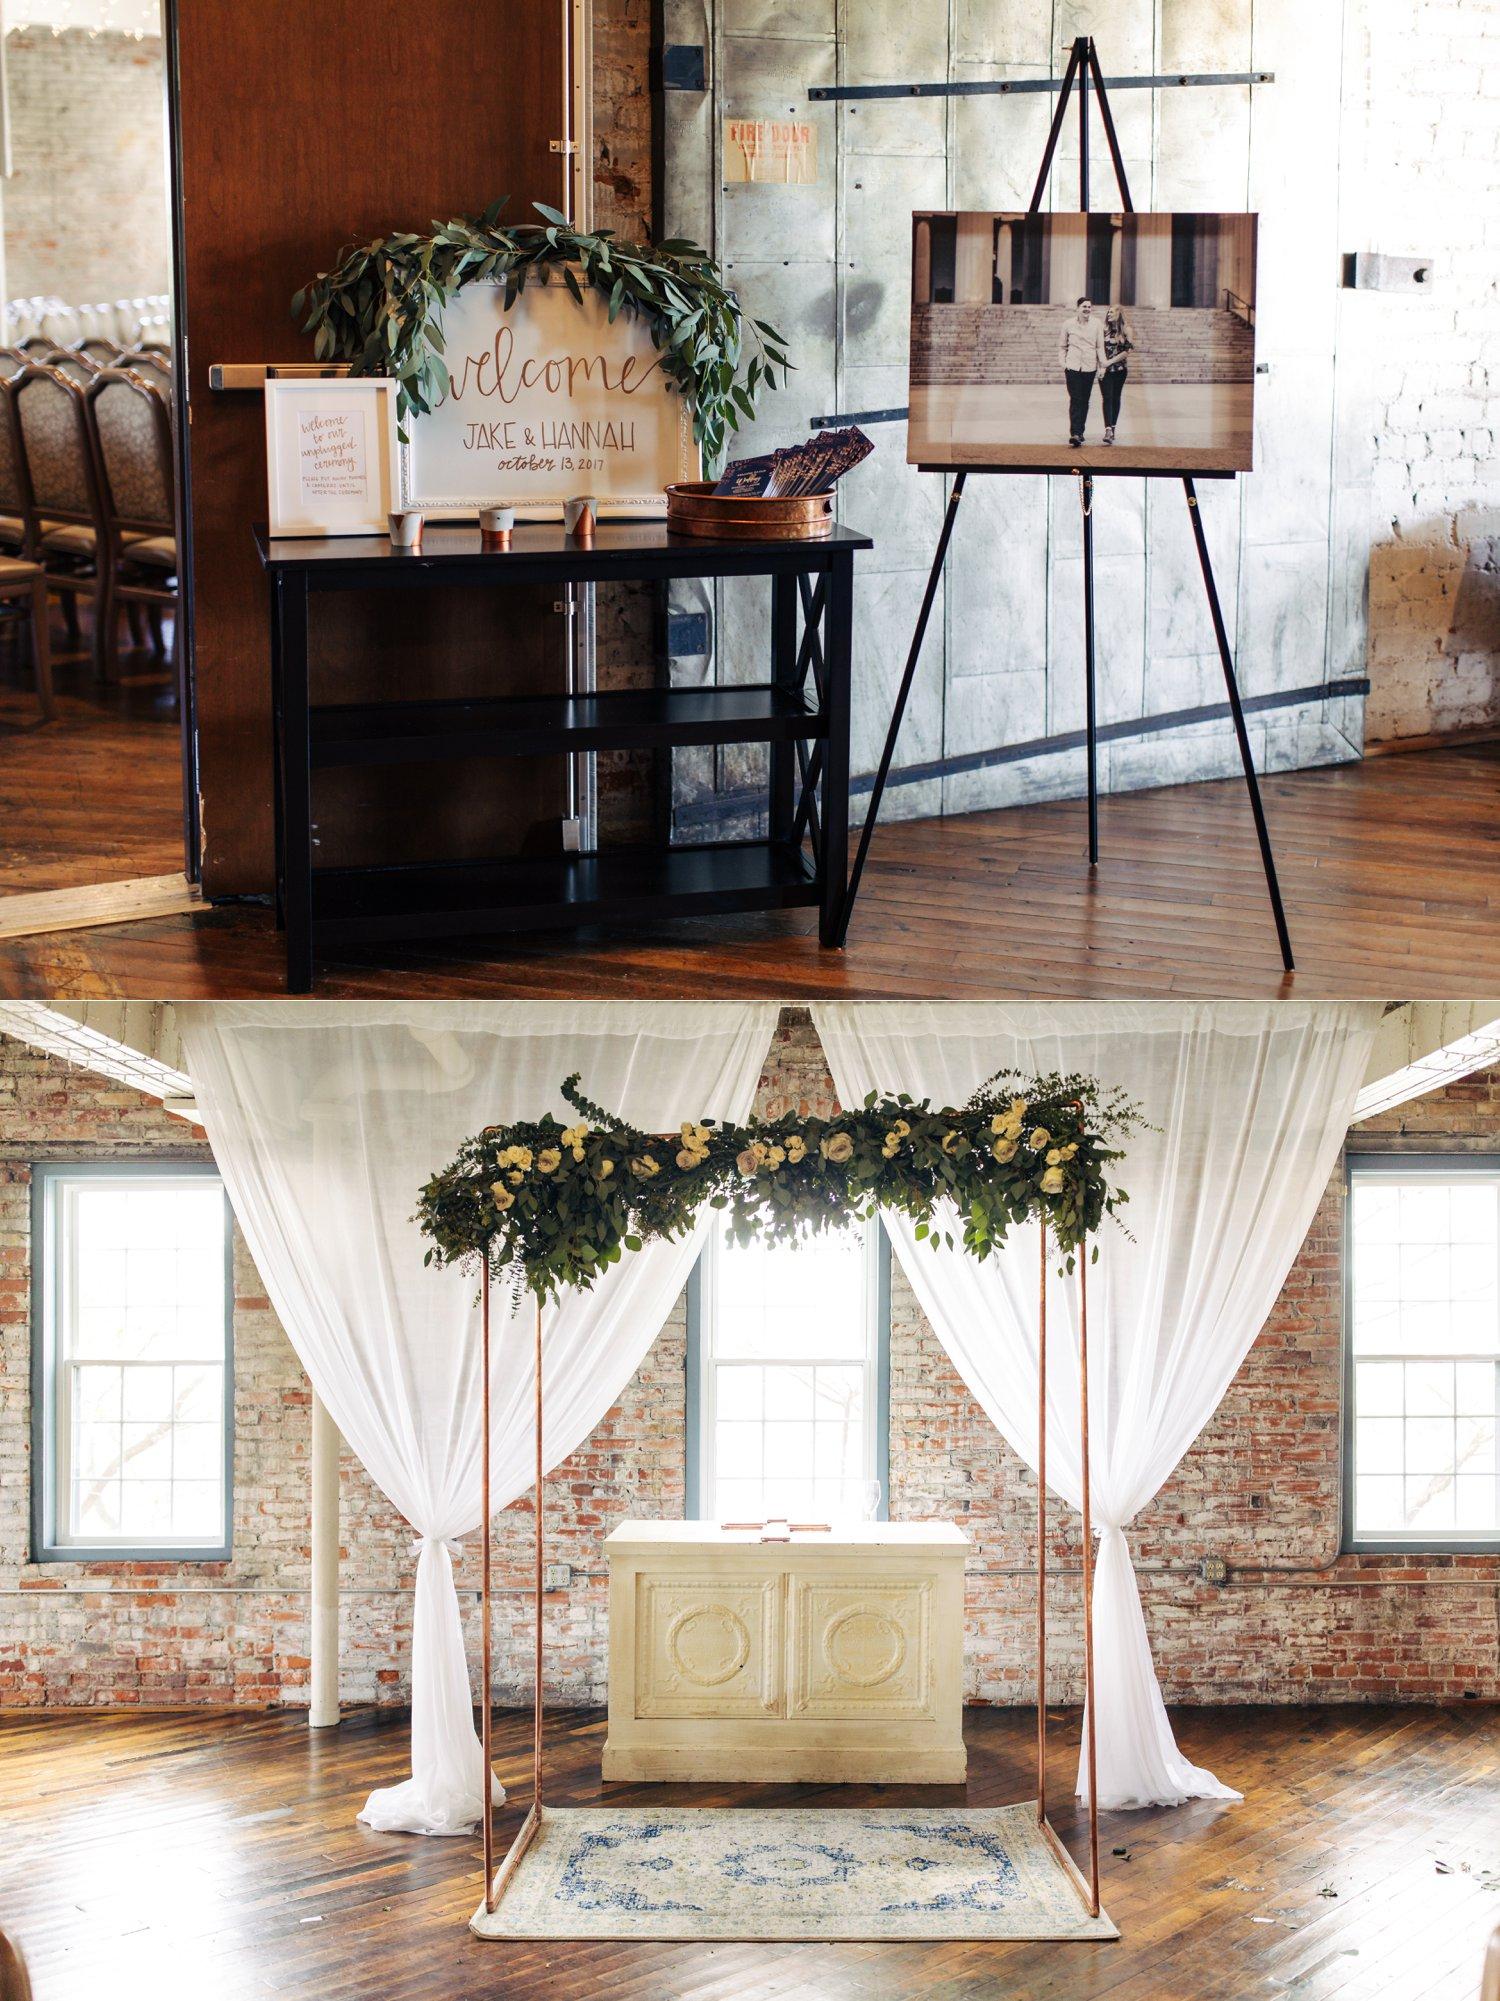 CK-Photo-Nashville-engagement-wedding-photographer-bread-chocolate-indiana